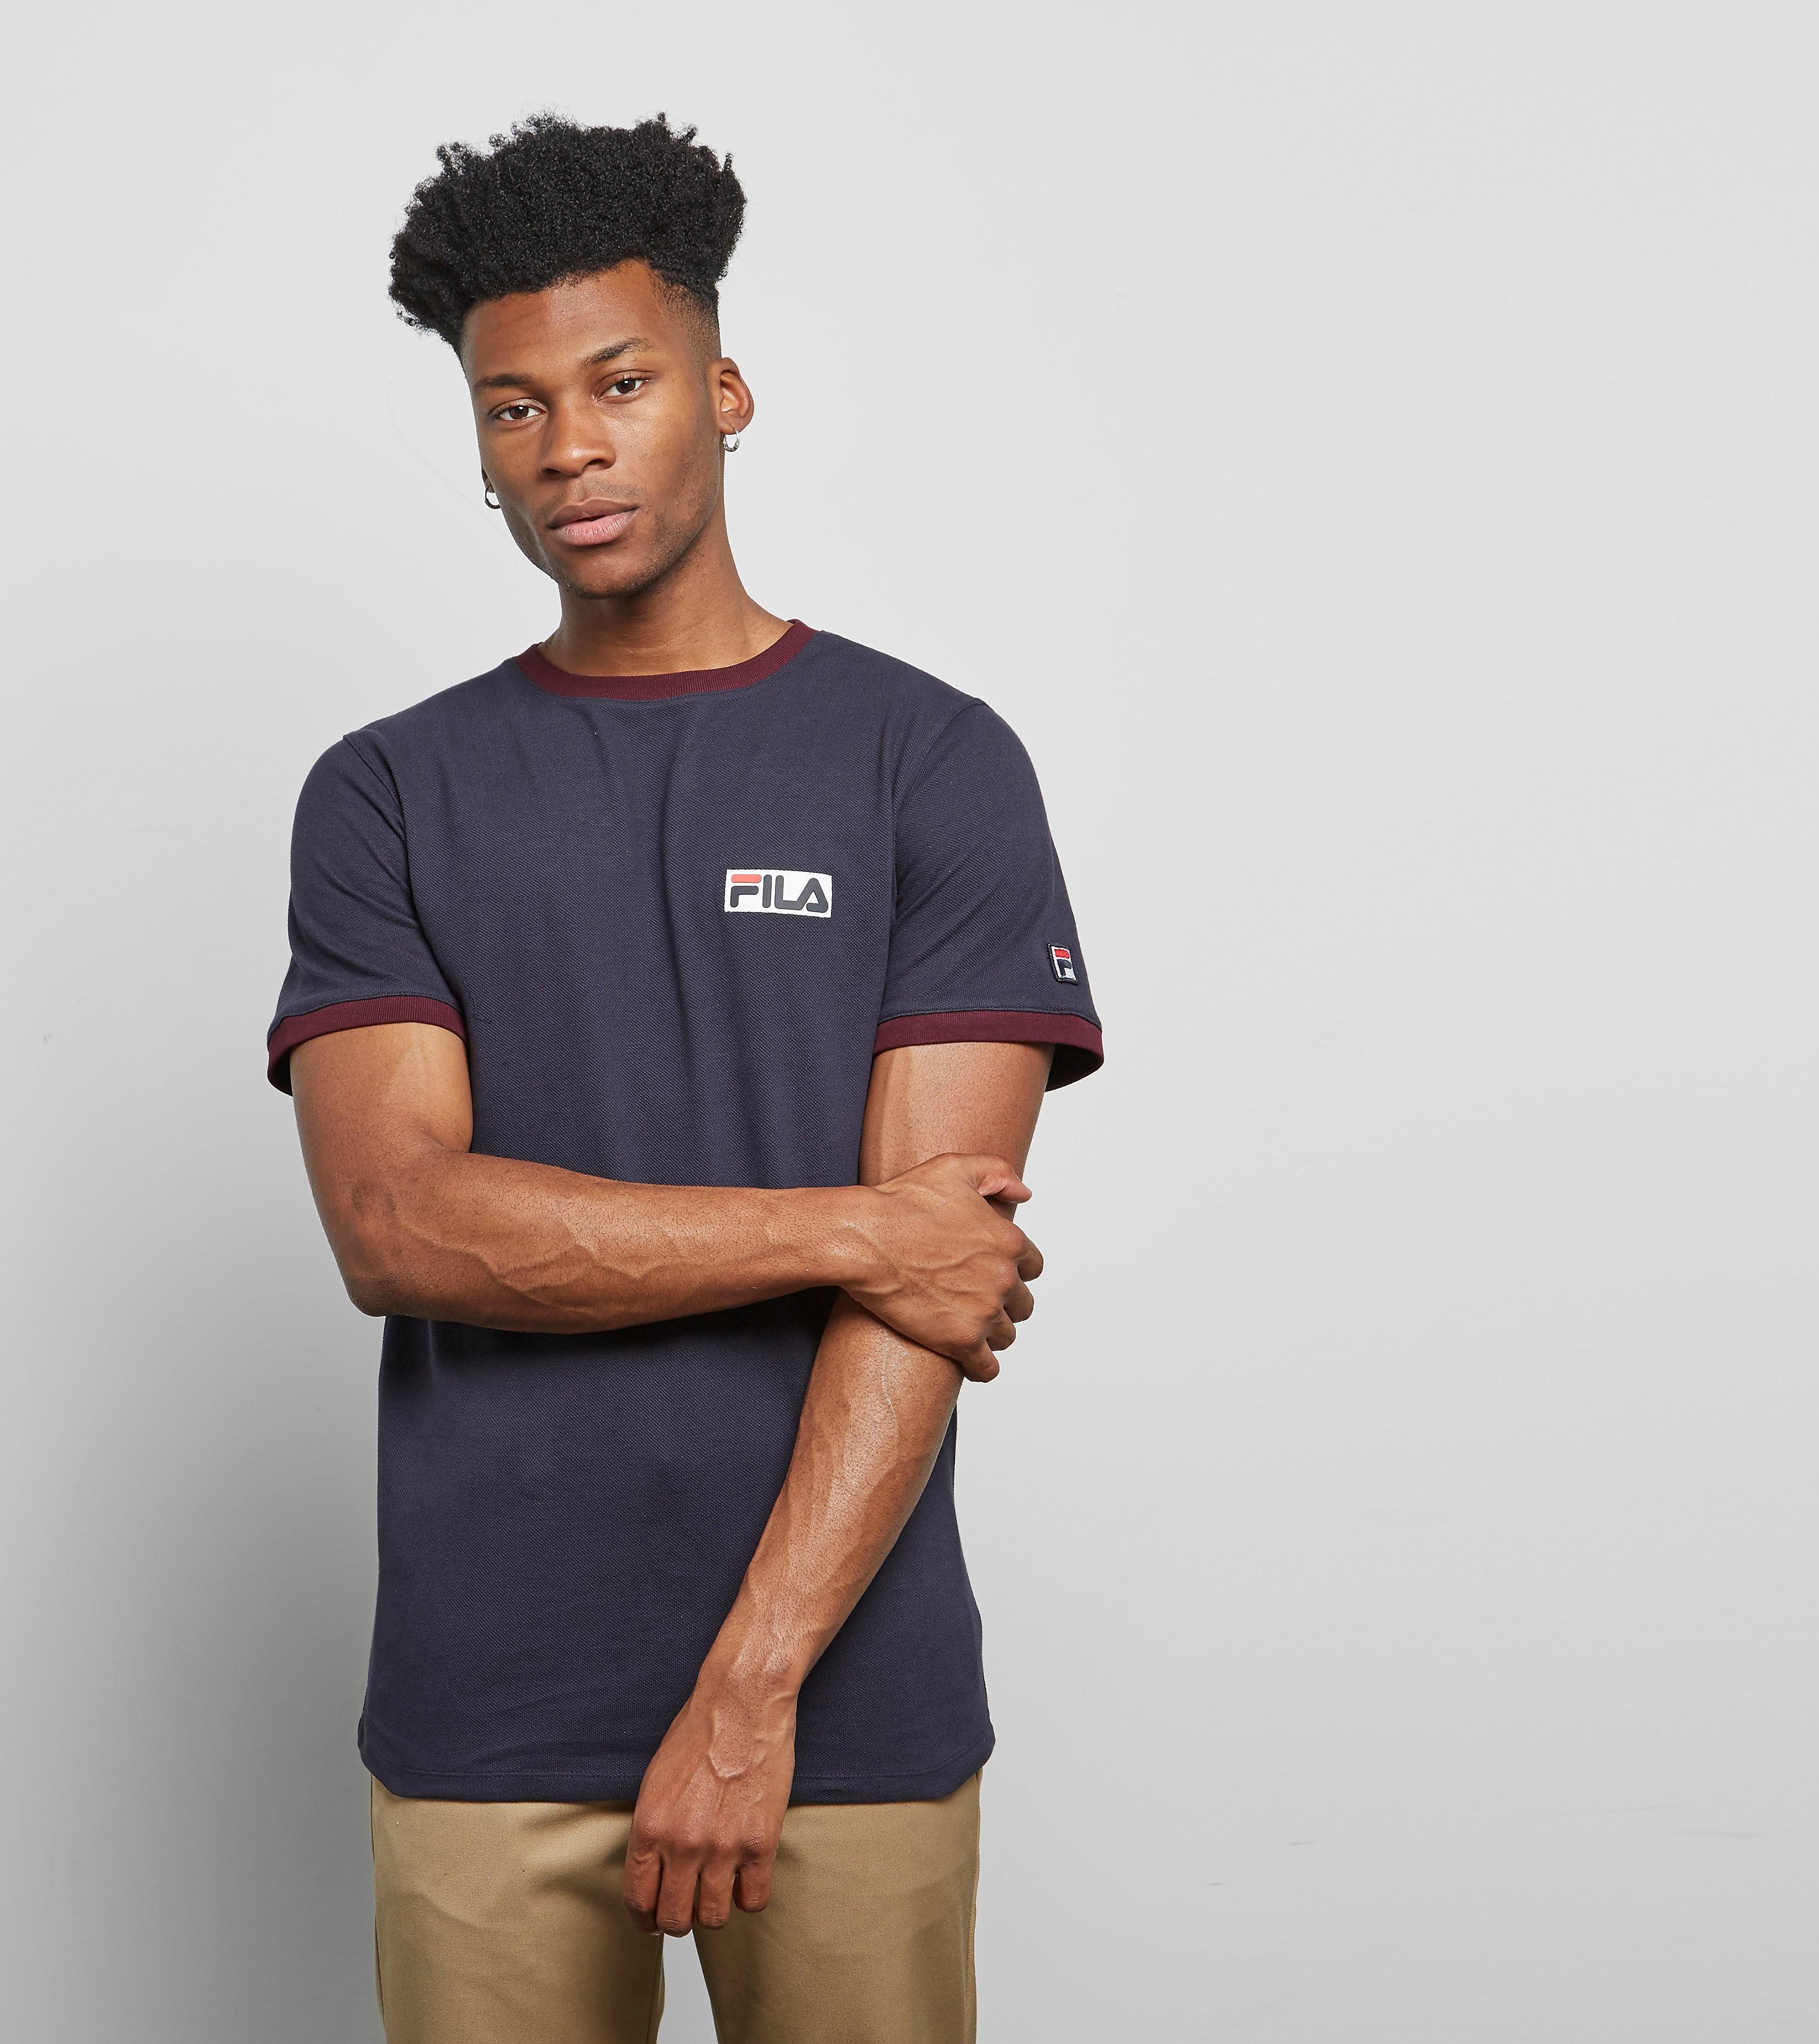 Fila Lathuile T-Shirt - size? Exklusiv